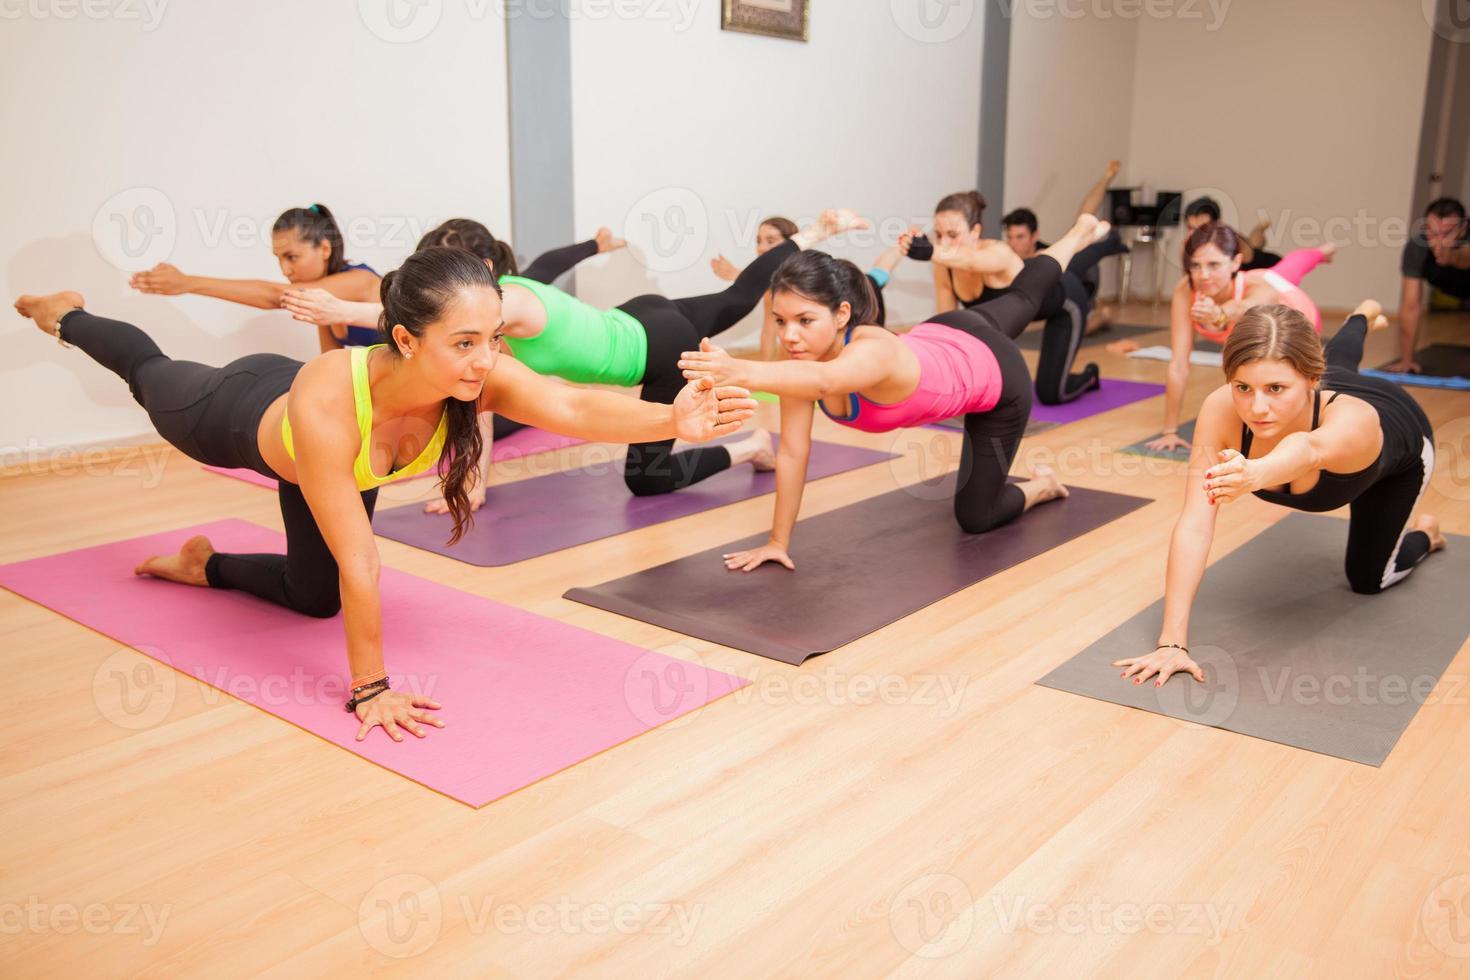 grupo de personas en una clase de yoga foto